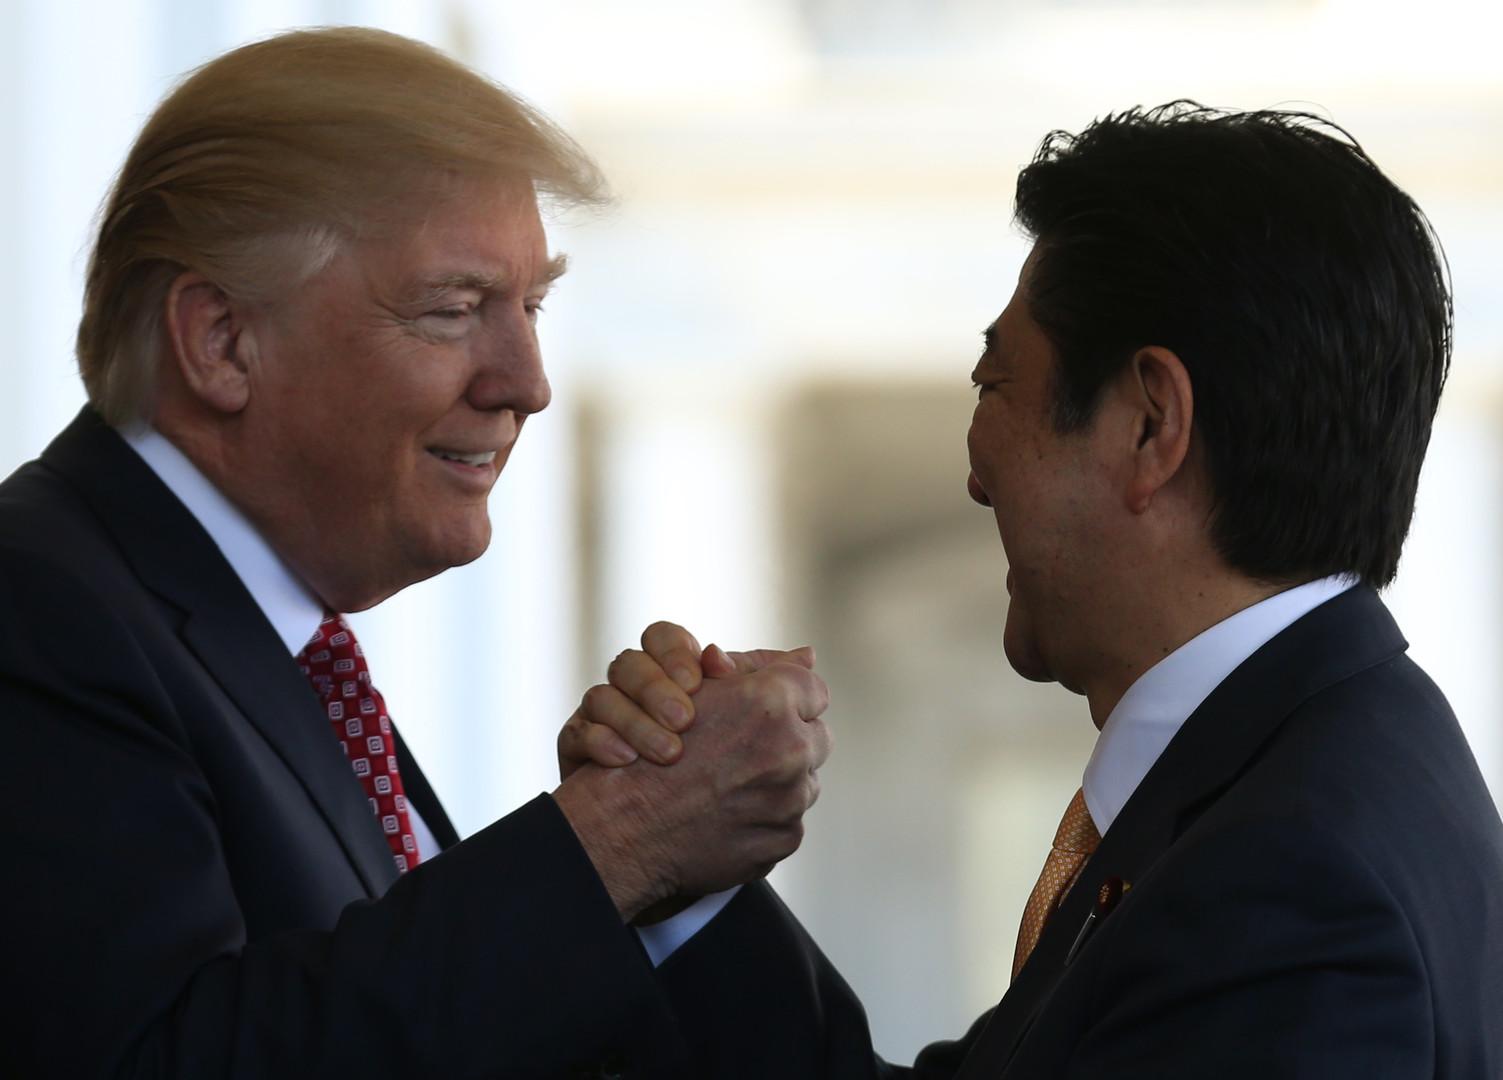 اليابان تستعد لاستقبال ترامب بتشديد إجراءاتها الأمنية